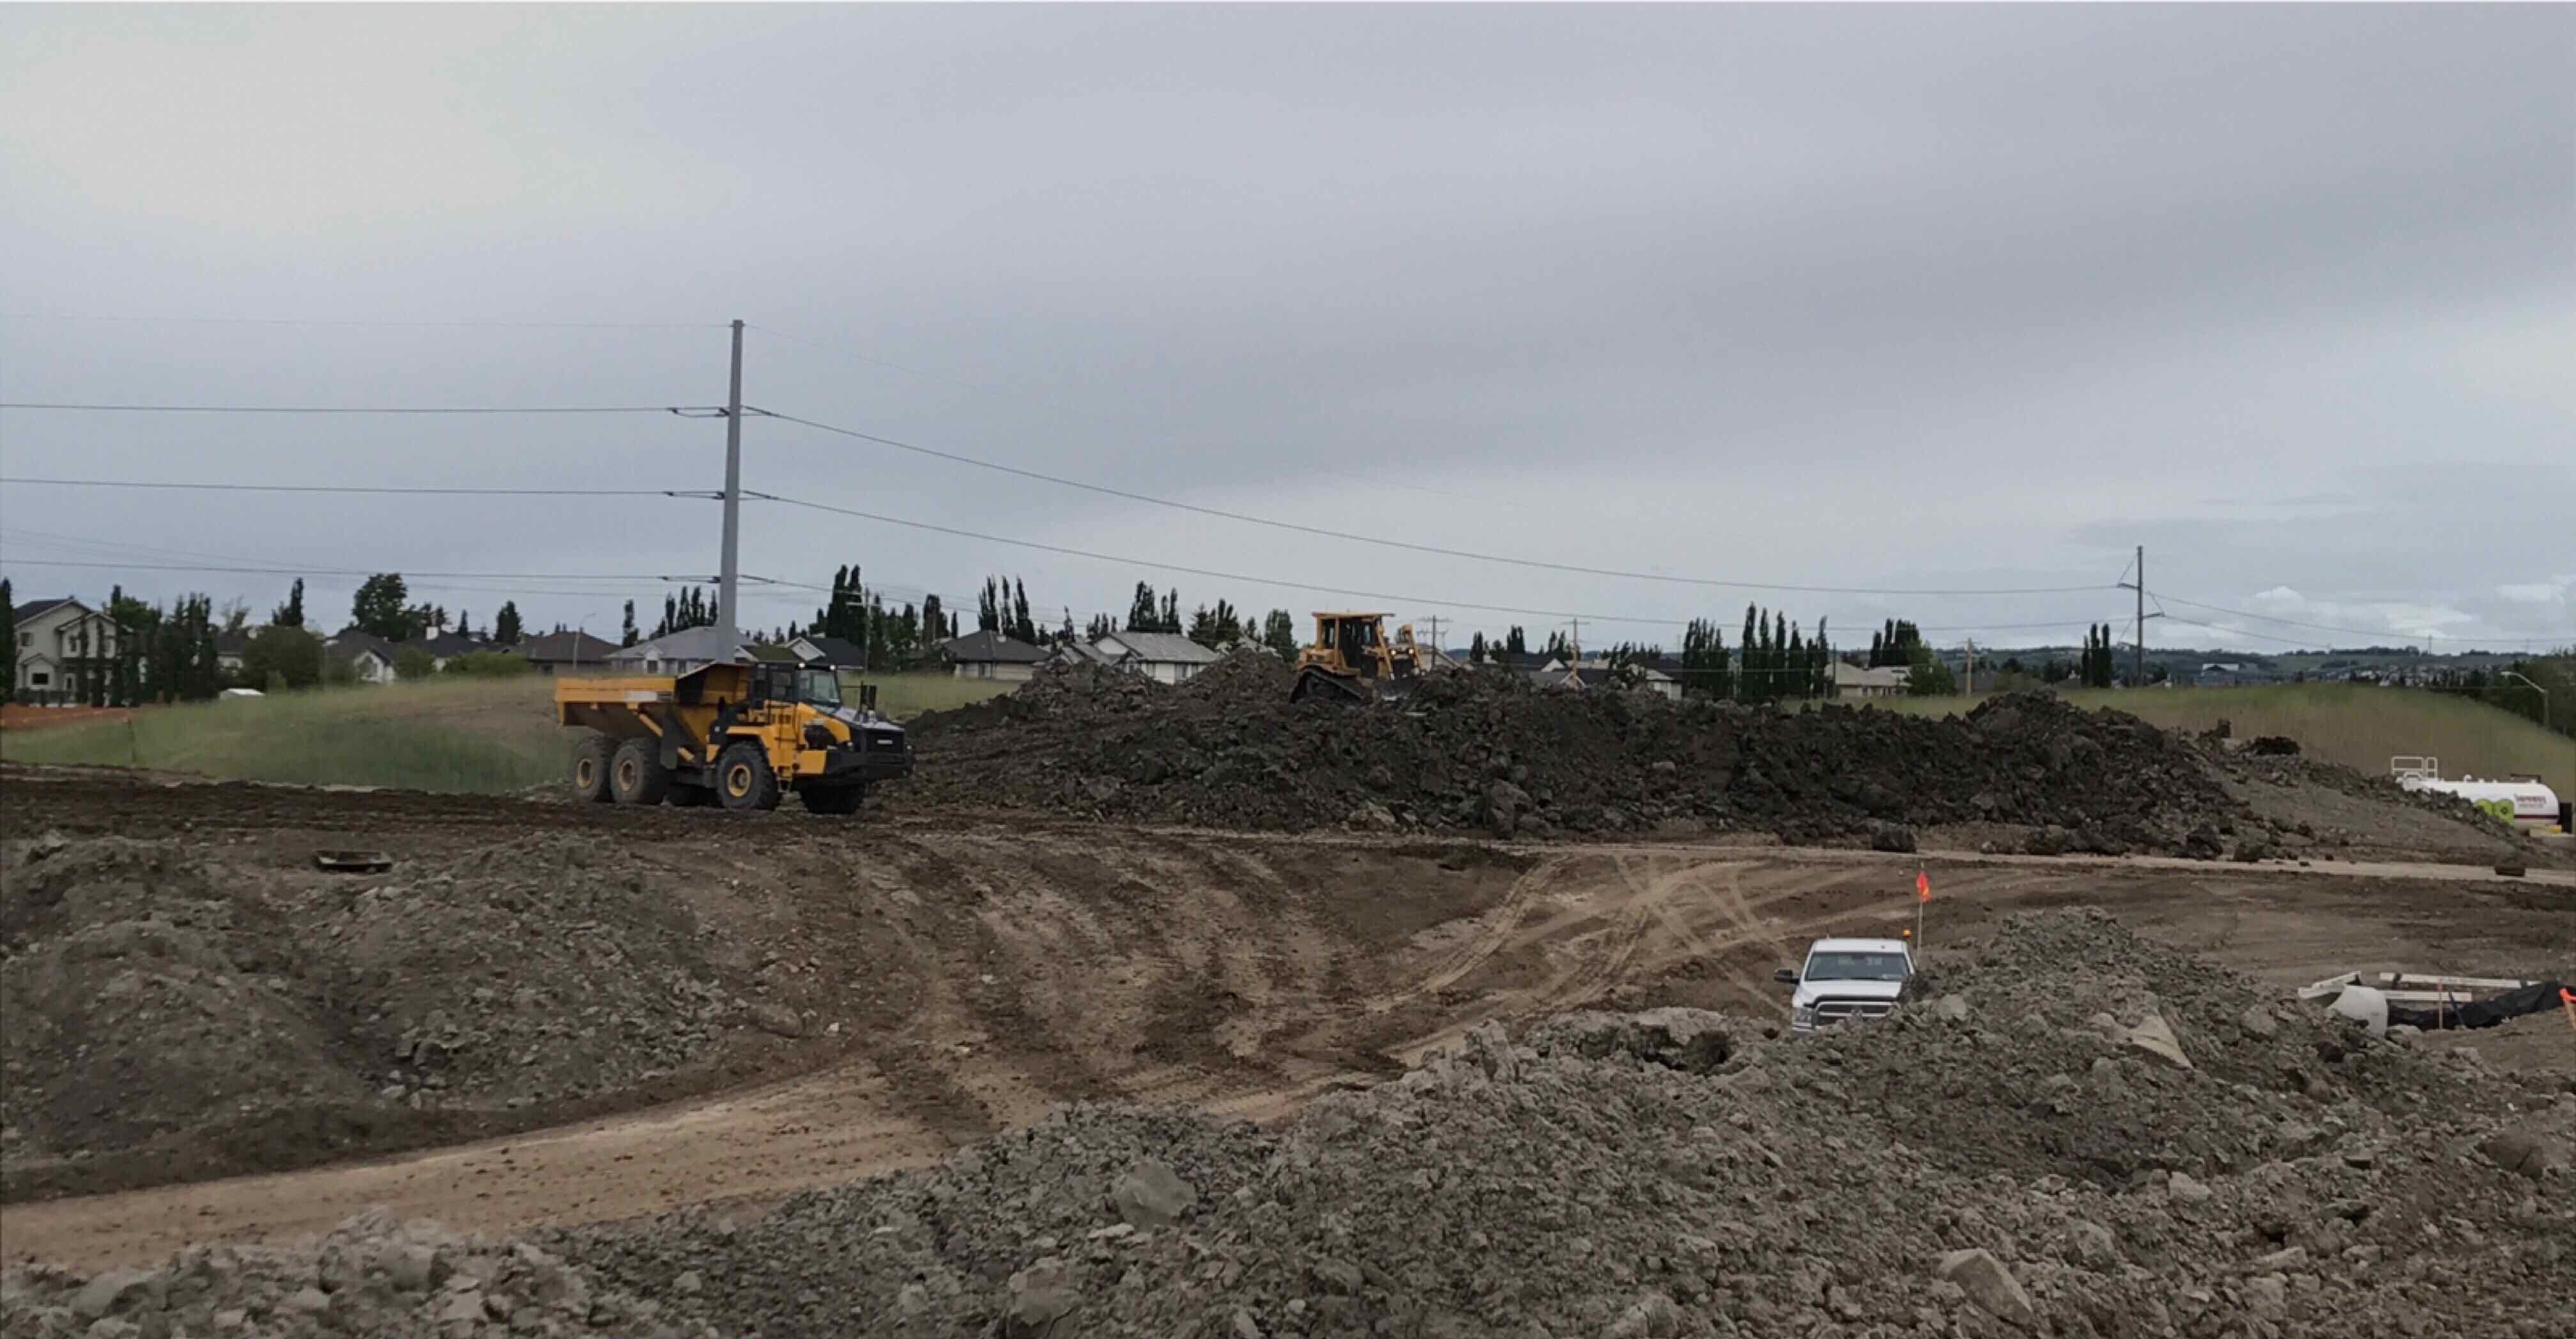 Stockpiling clay